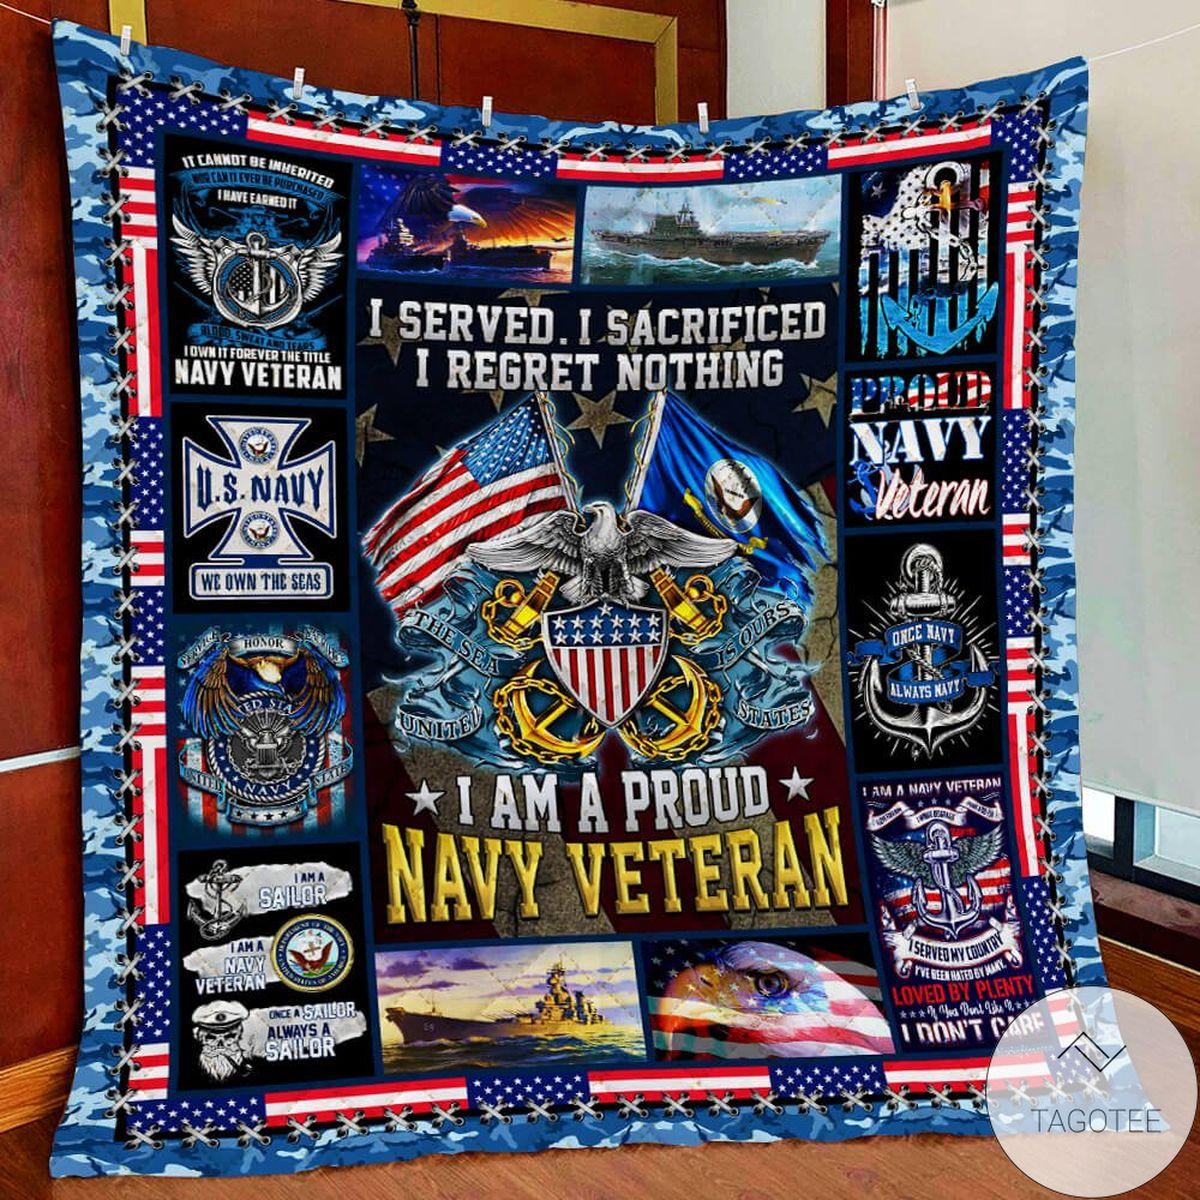 U.S. Navy I Am A Proud Navy Veteran Quilt